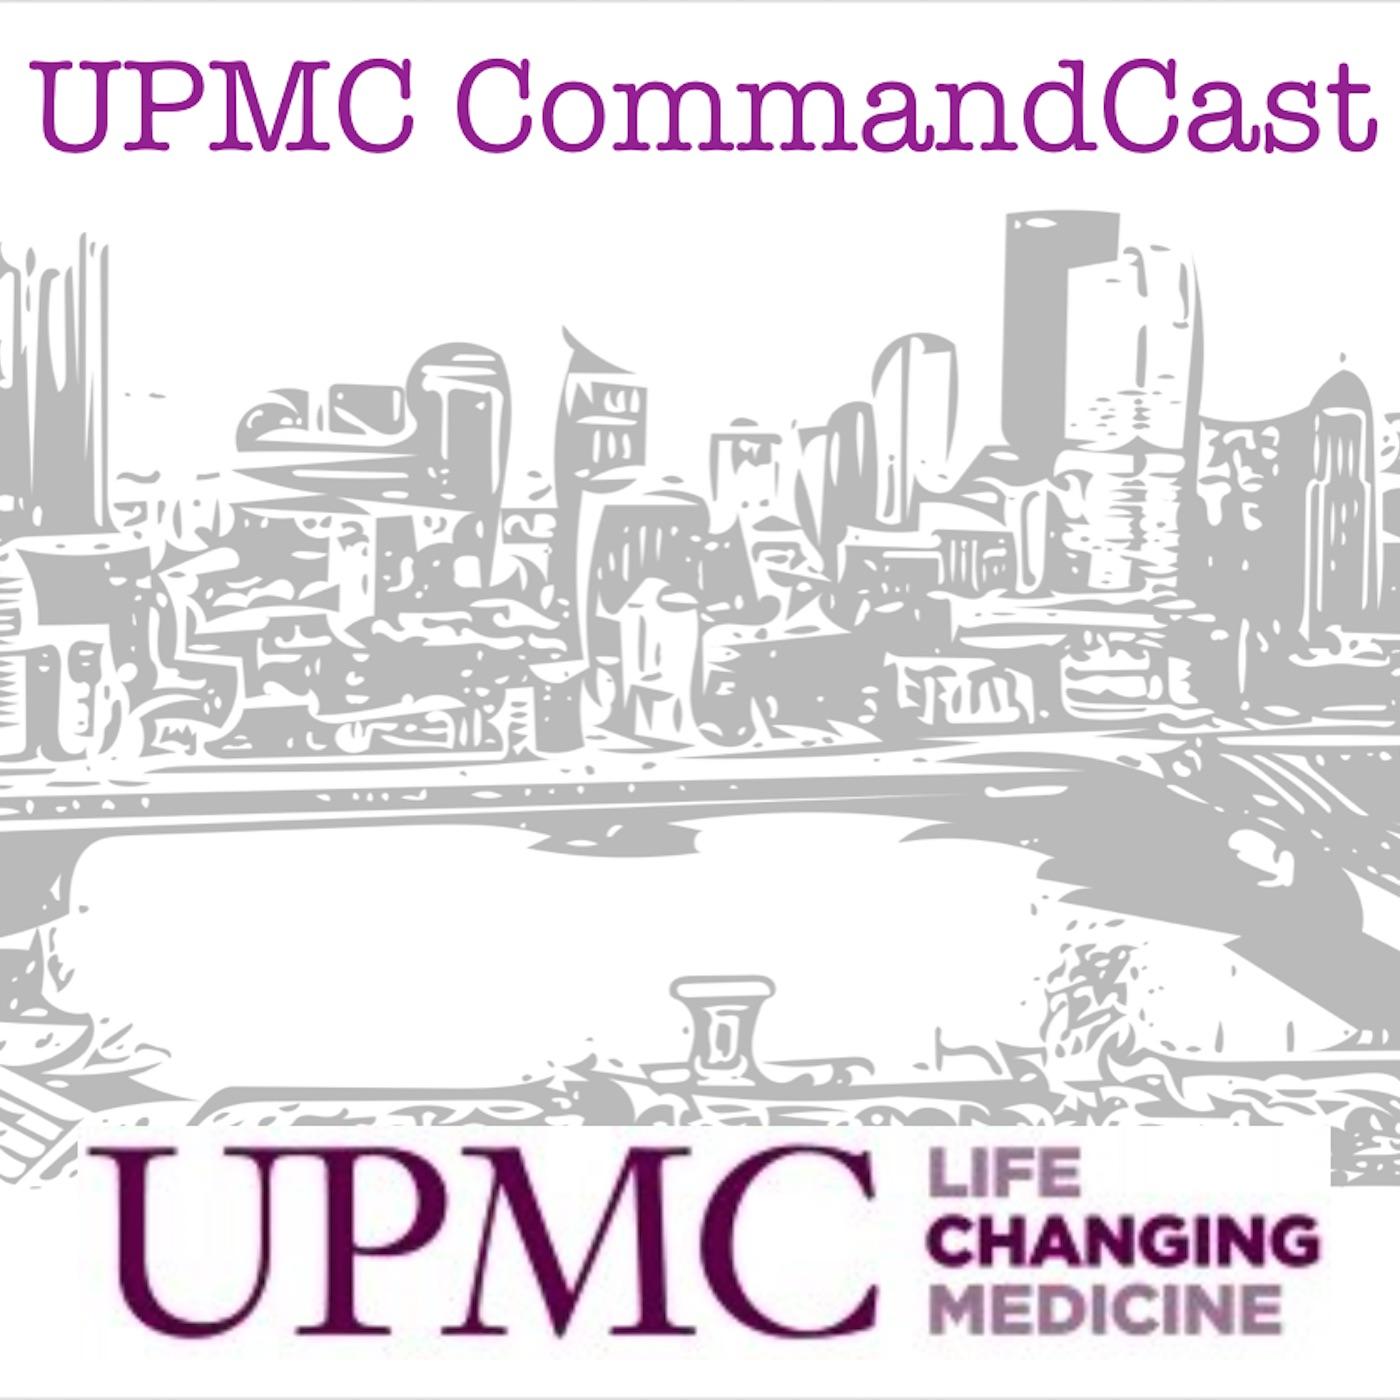 UPMC CommandCast